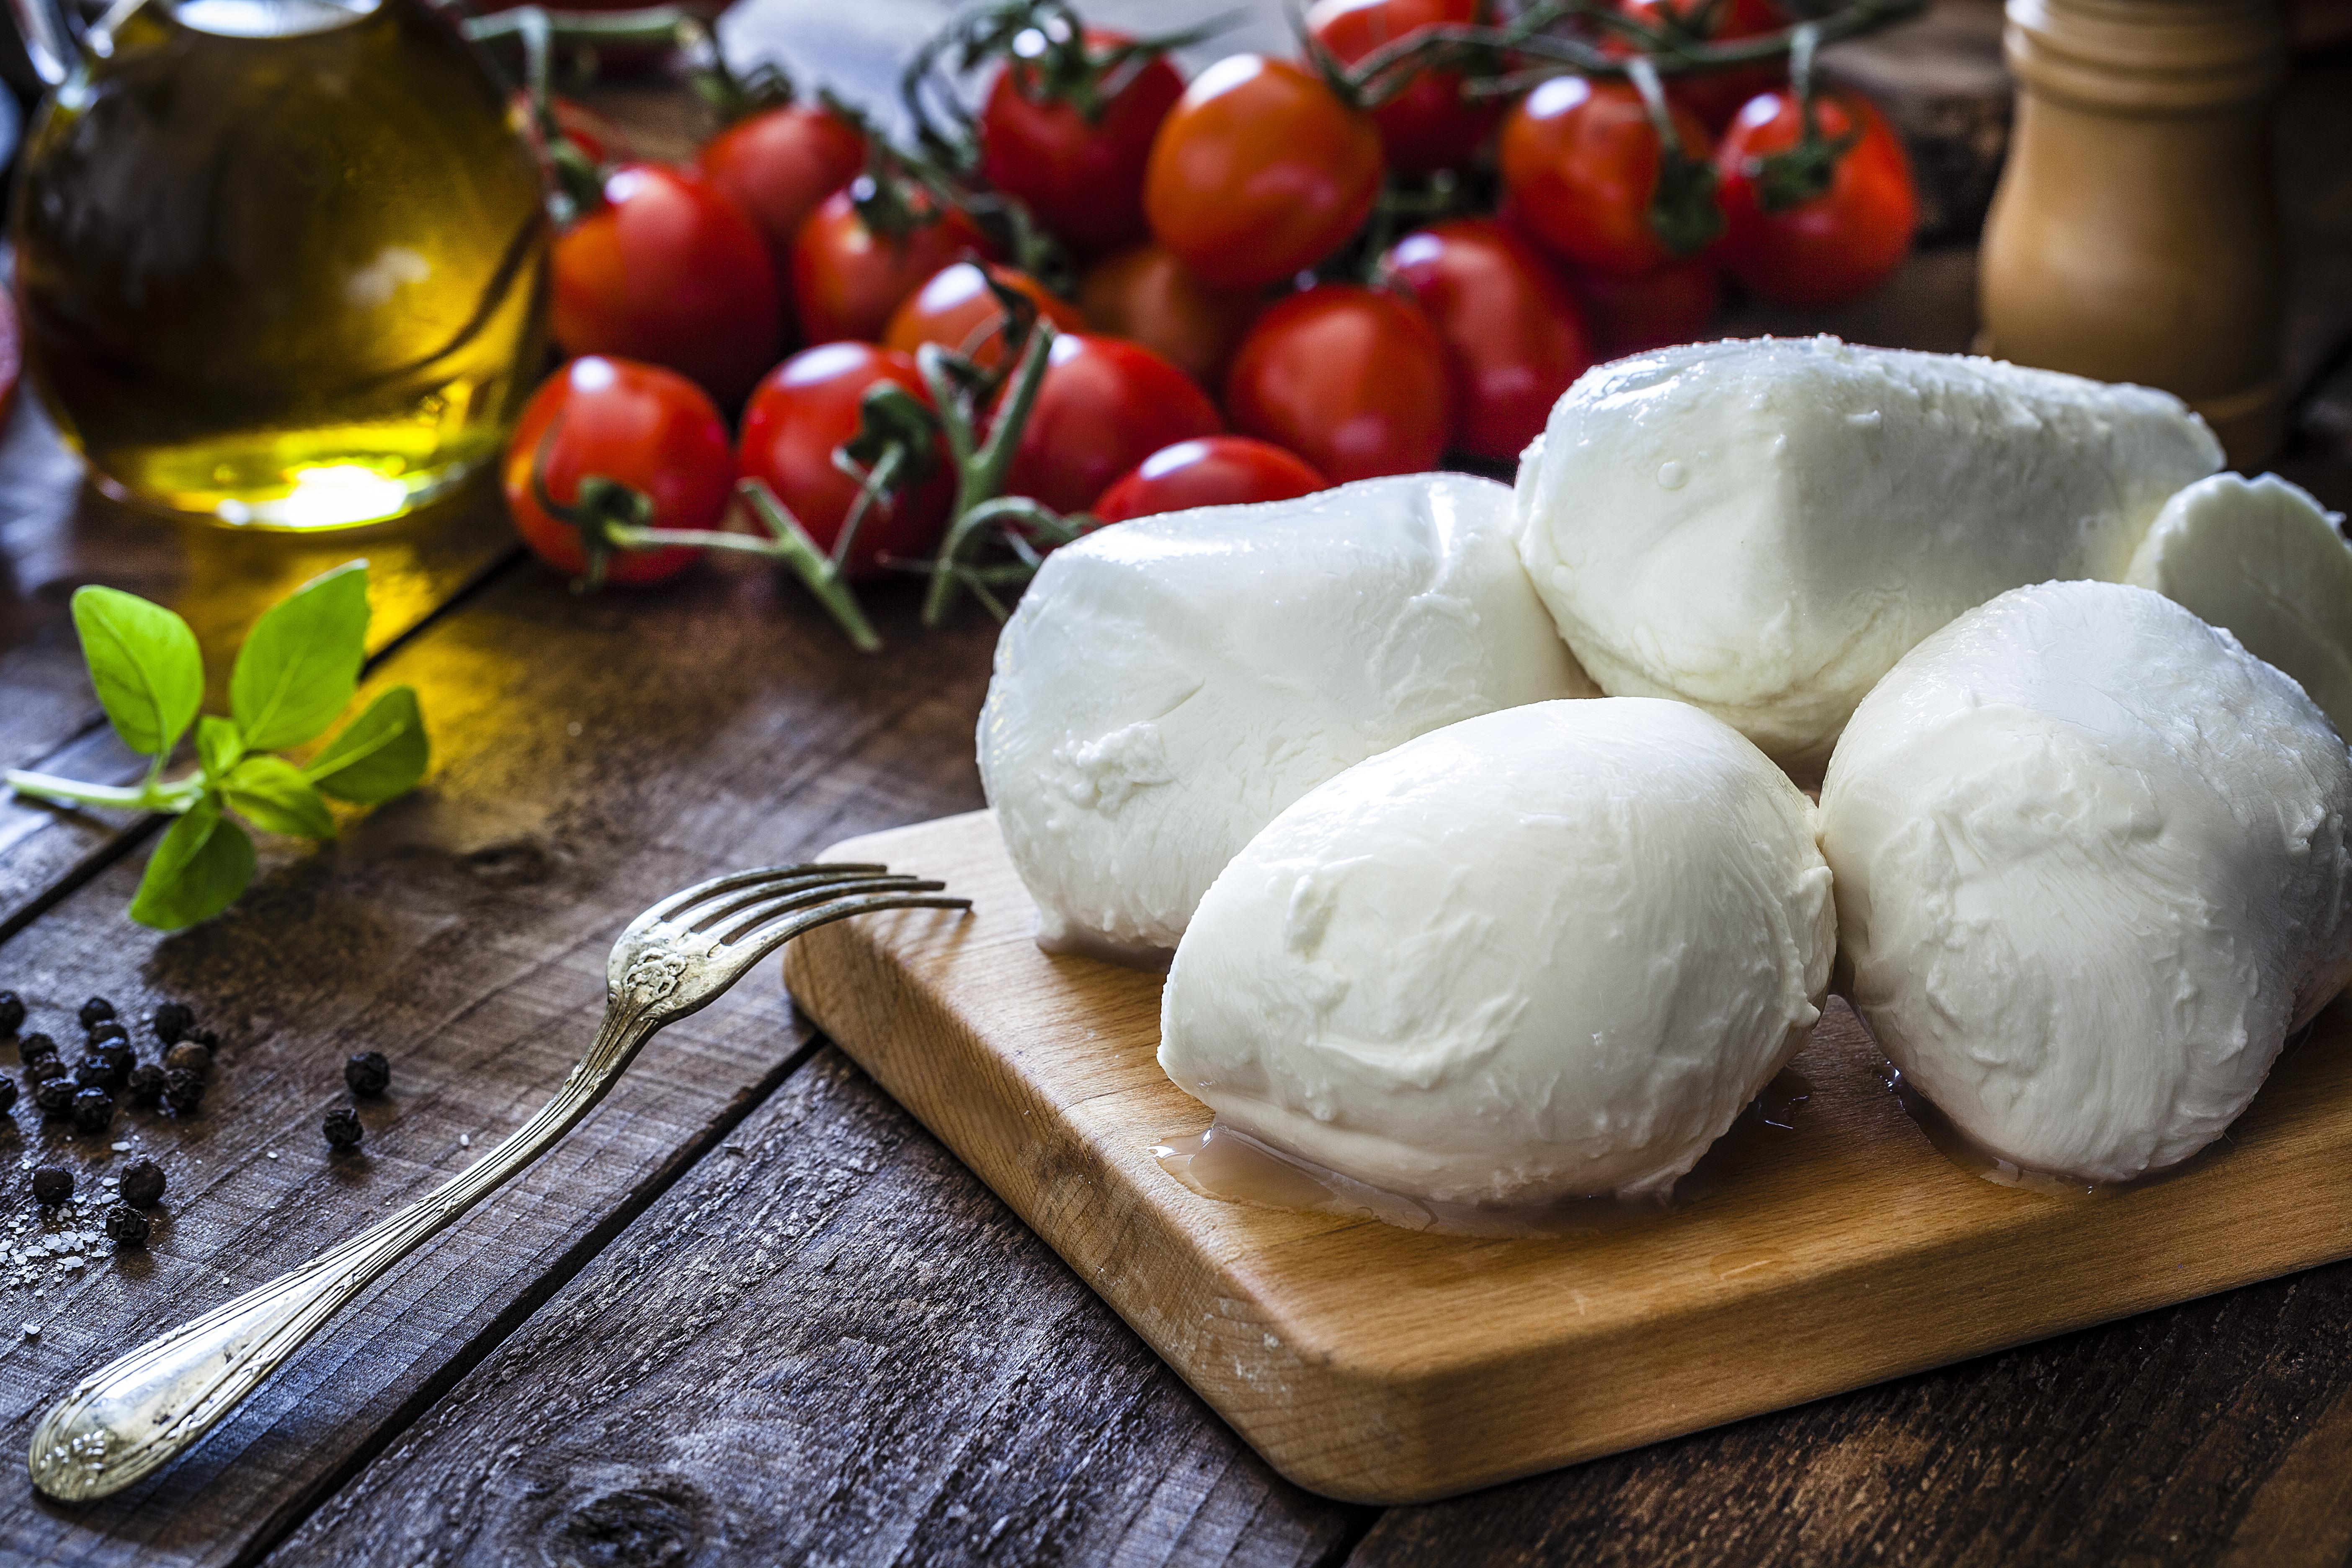 Egyes sajtok, melyekben az érlelés során is megmaradt az élő kultúra, szintén probiotikusnak számítanak. Ilyenek a mozzarella, a gouda, a cheddar és a cottage cheese.